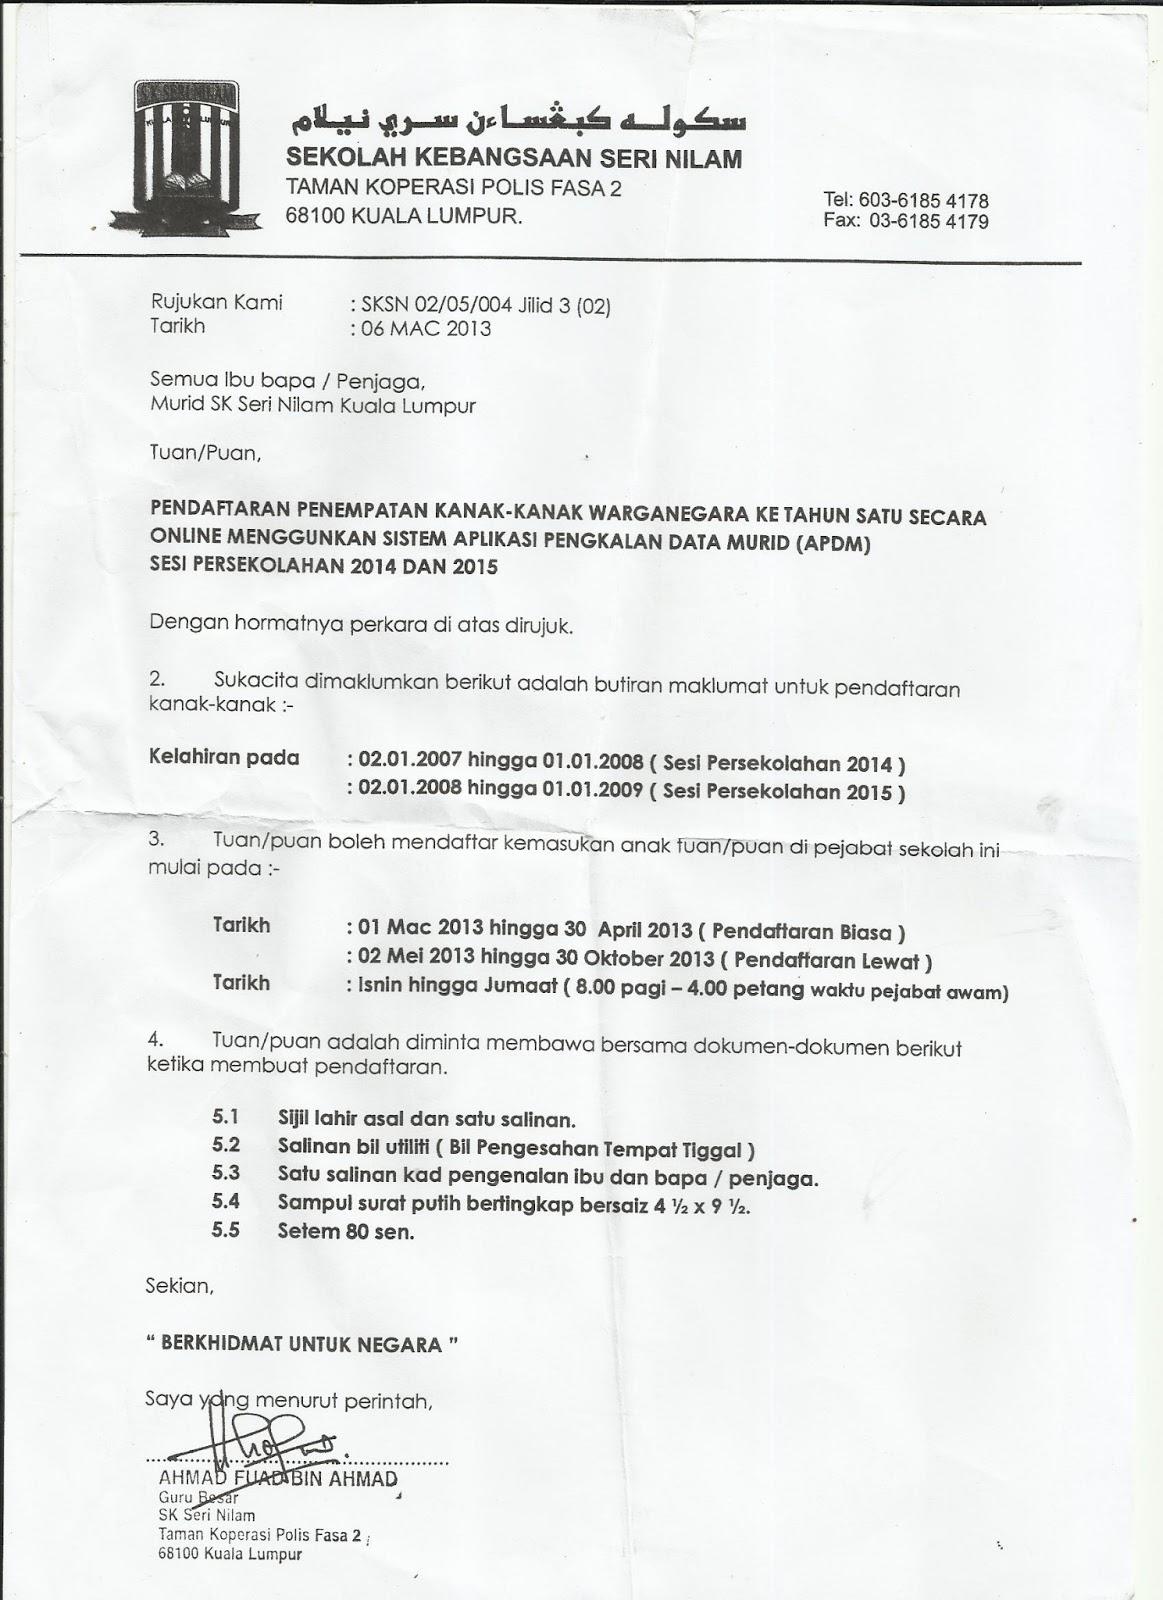 PIBG SK Seri Nilam KL